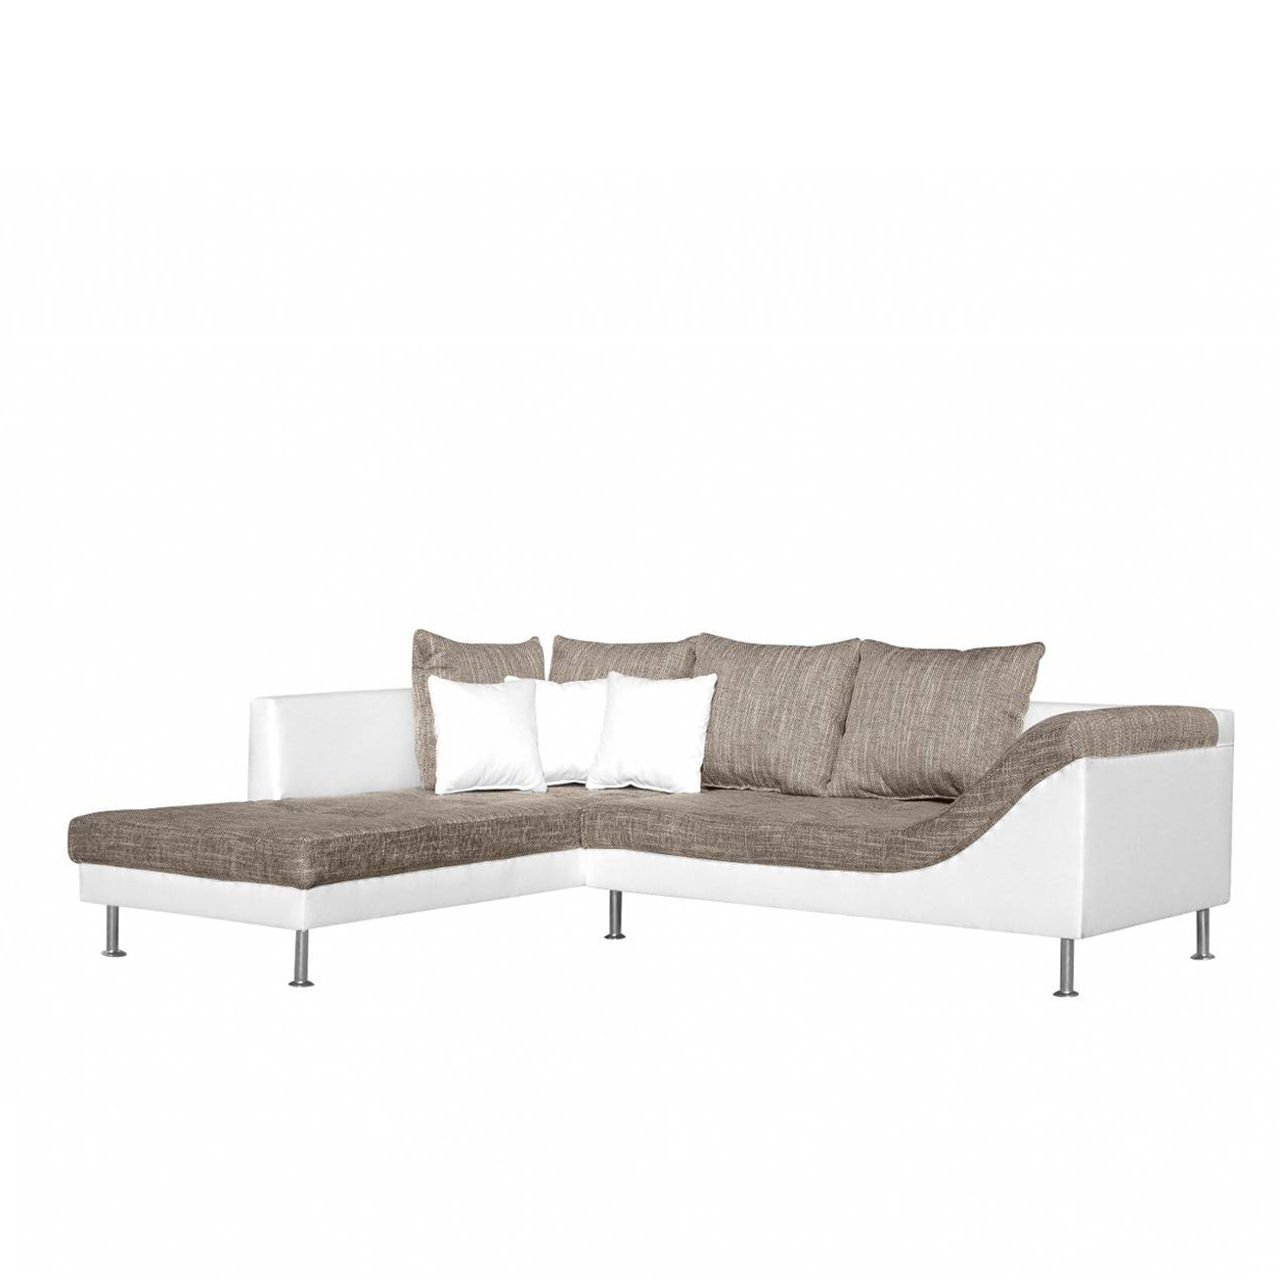 Astounding Eckcouch Kaufen Beste Wahl Polsterecke Trendy Ecksofa Wohnlandschaft Couchgarnitur Couch Sofagarnitur